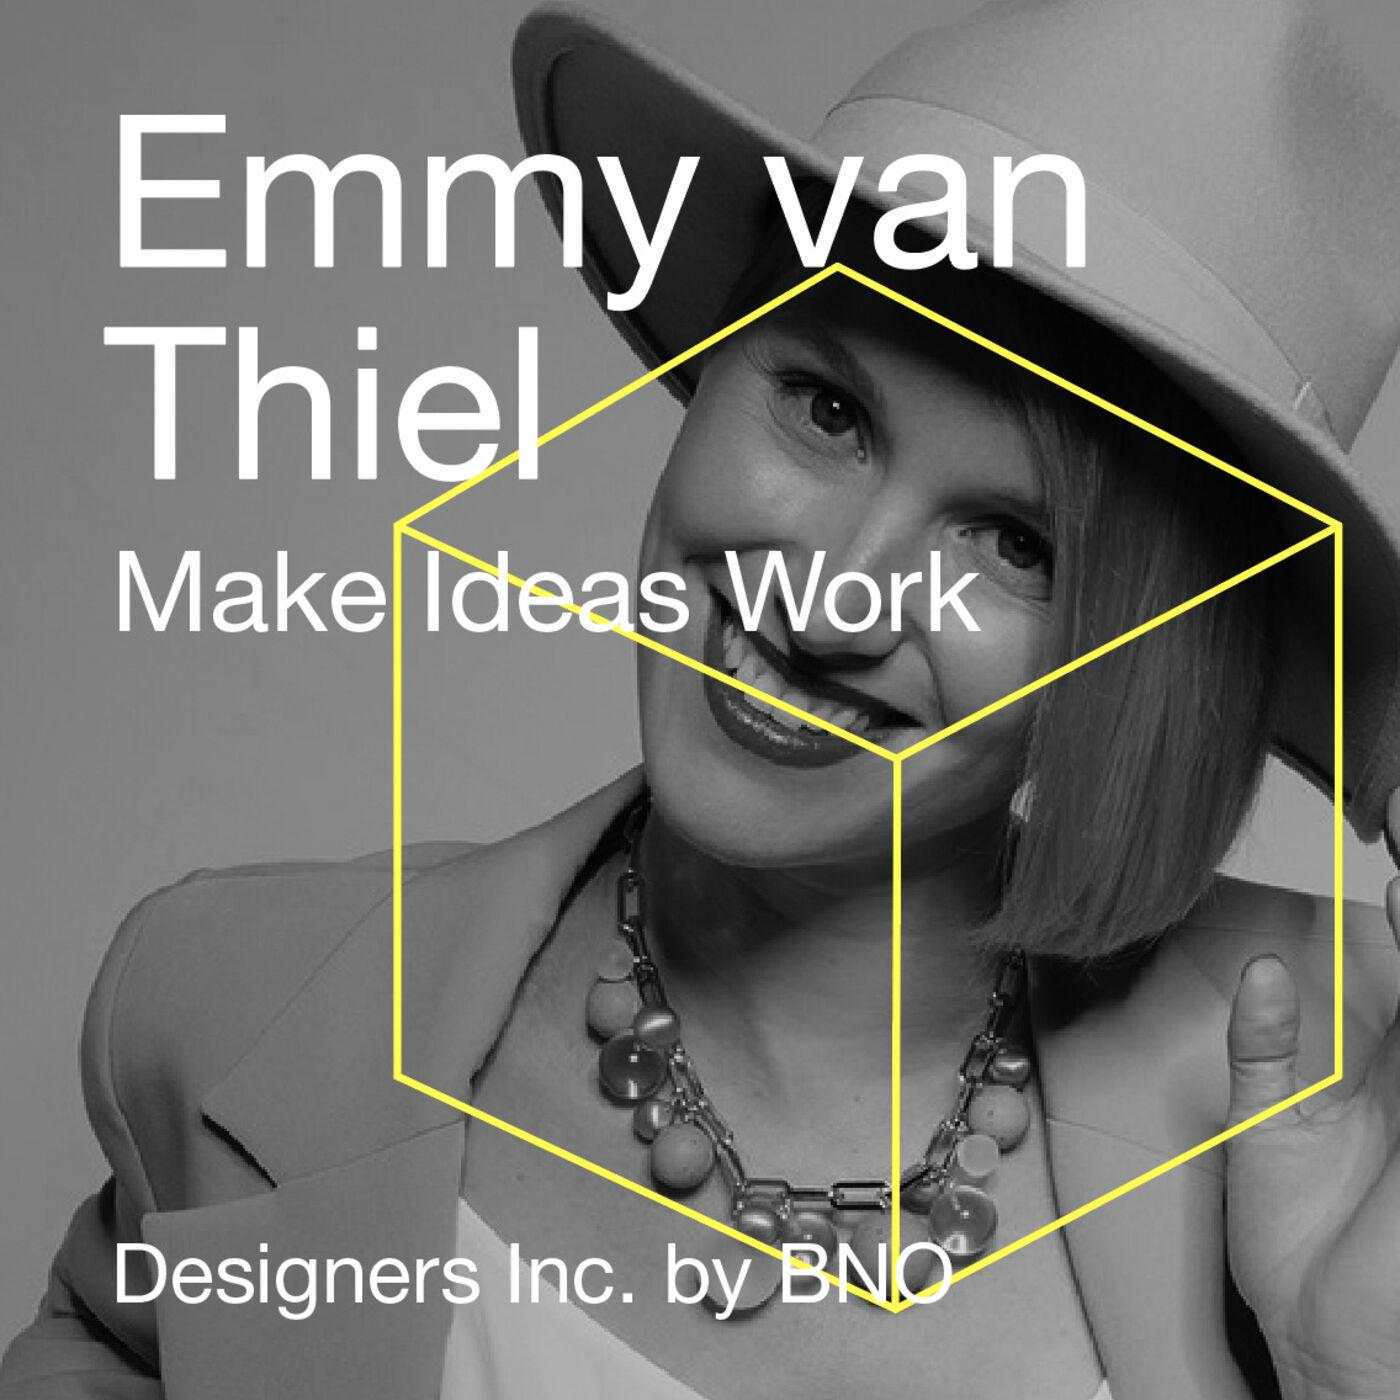 Emmy van Thiel - Make Ideas Work